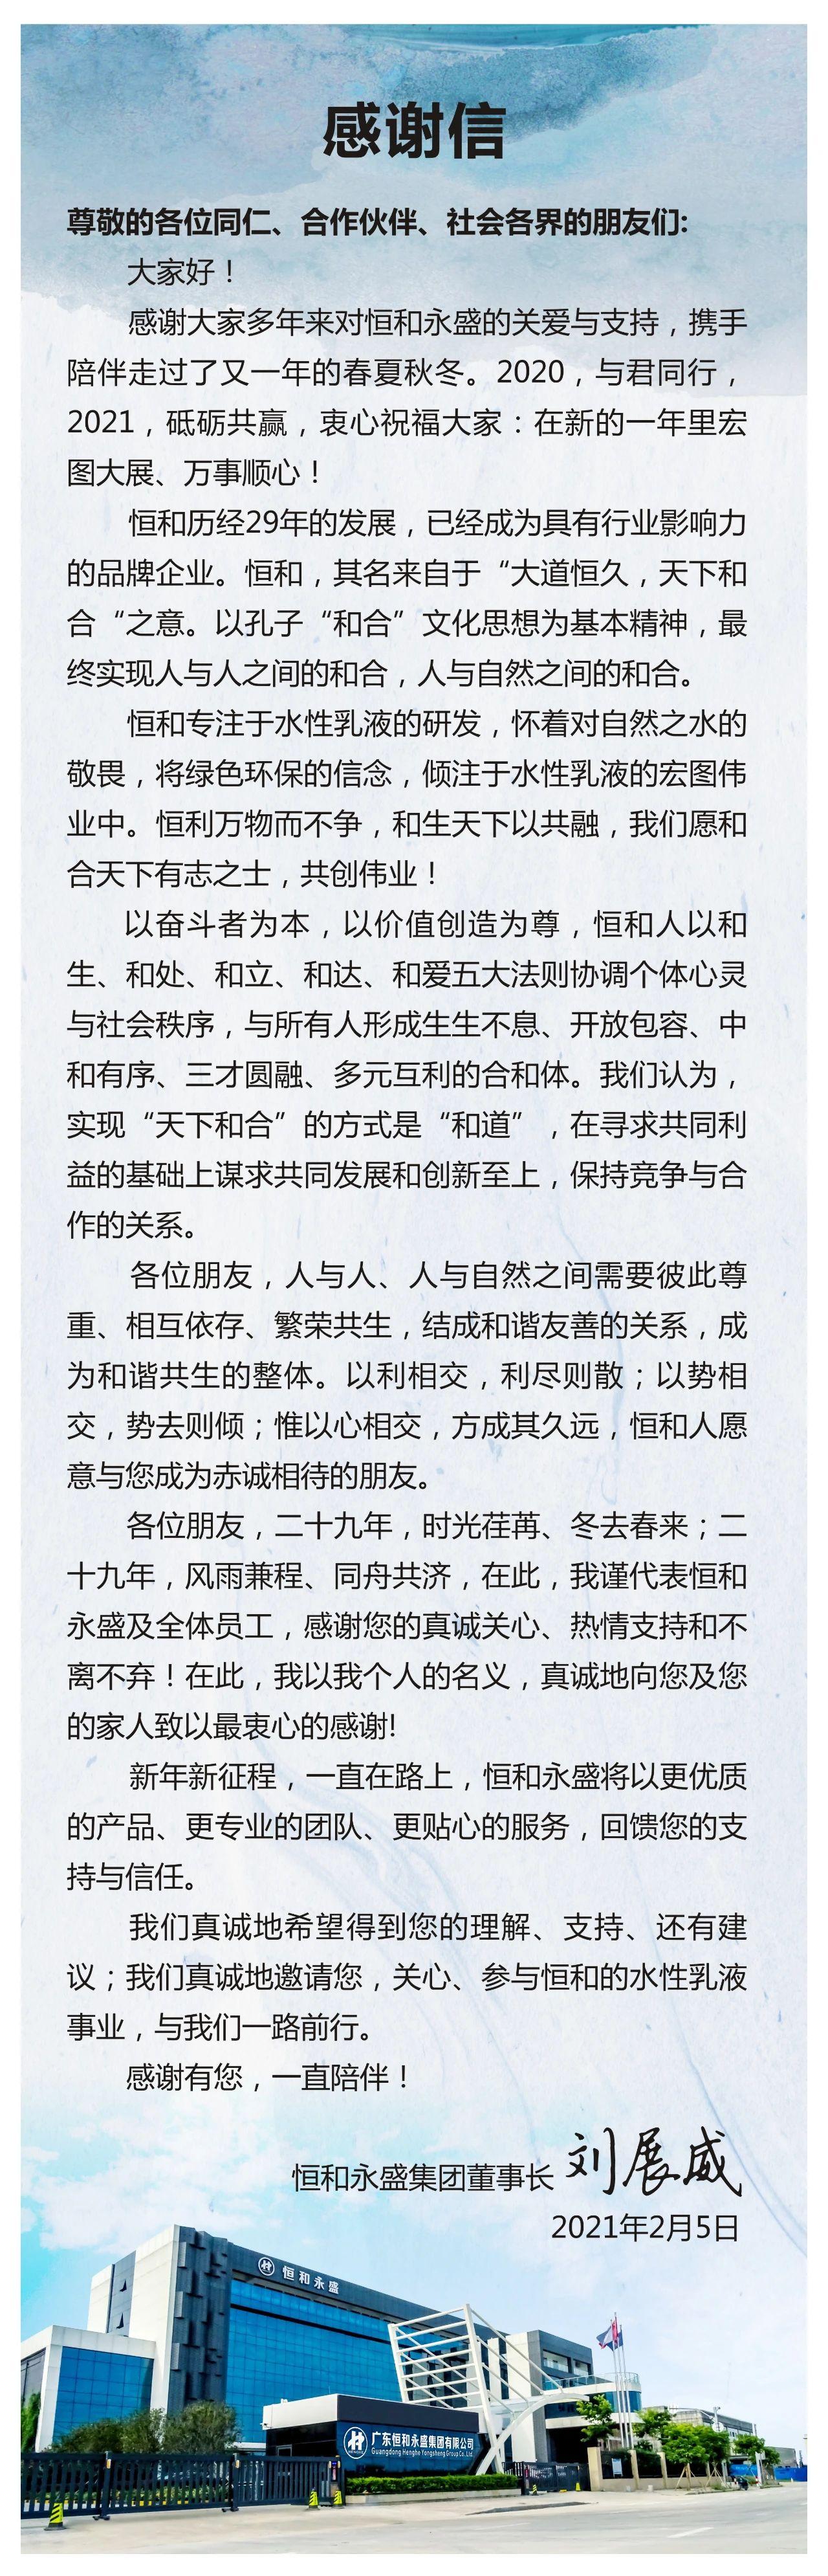 寰俊鍥剧墖_20210206151035.jpg